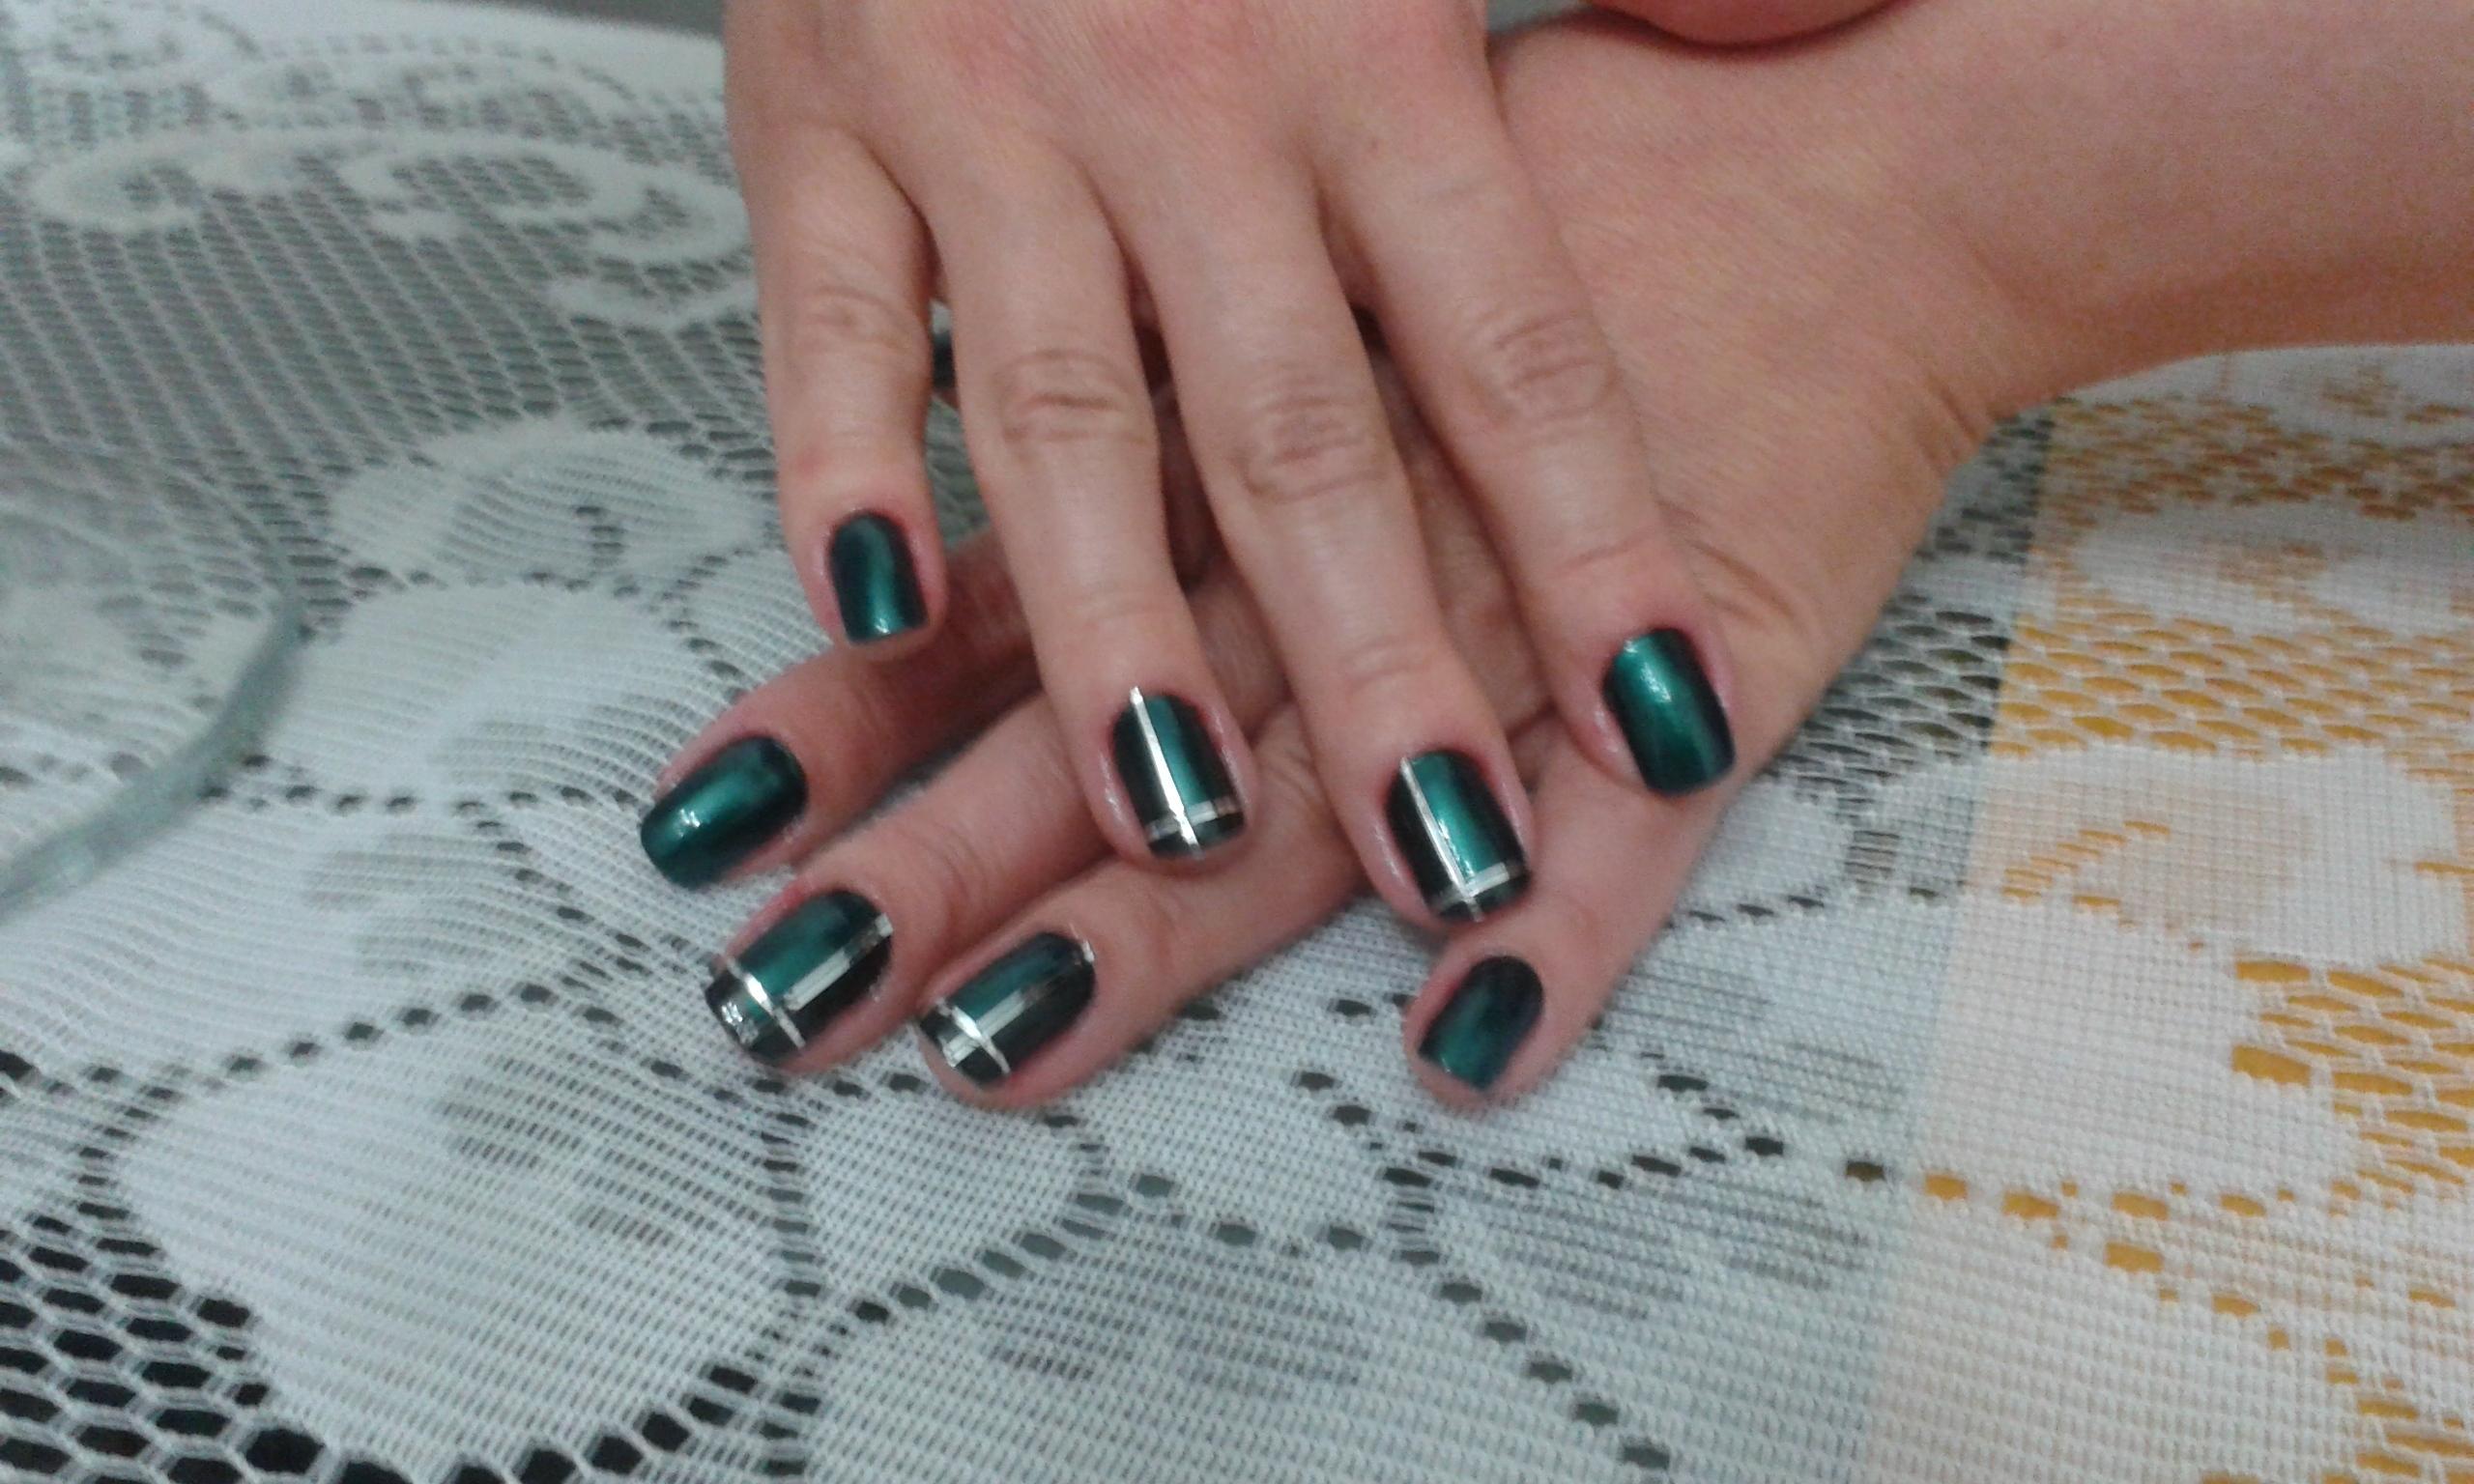 verde unhas  cabeleireiro(a) auxiliar cabeleireiro(a) manicure e pedicure